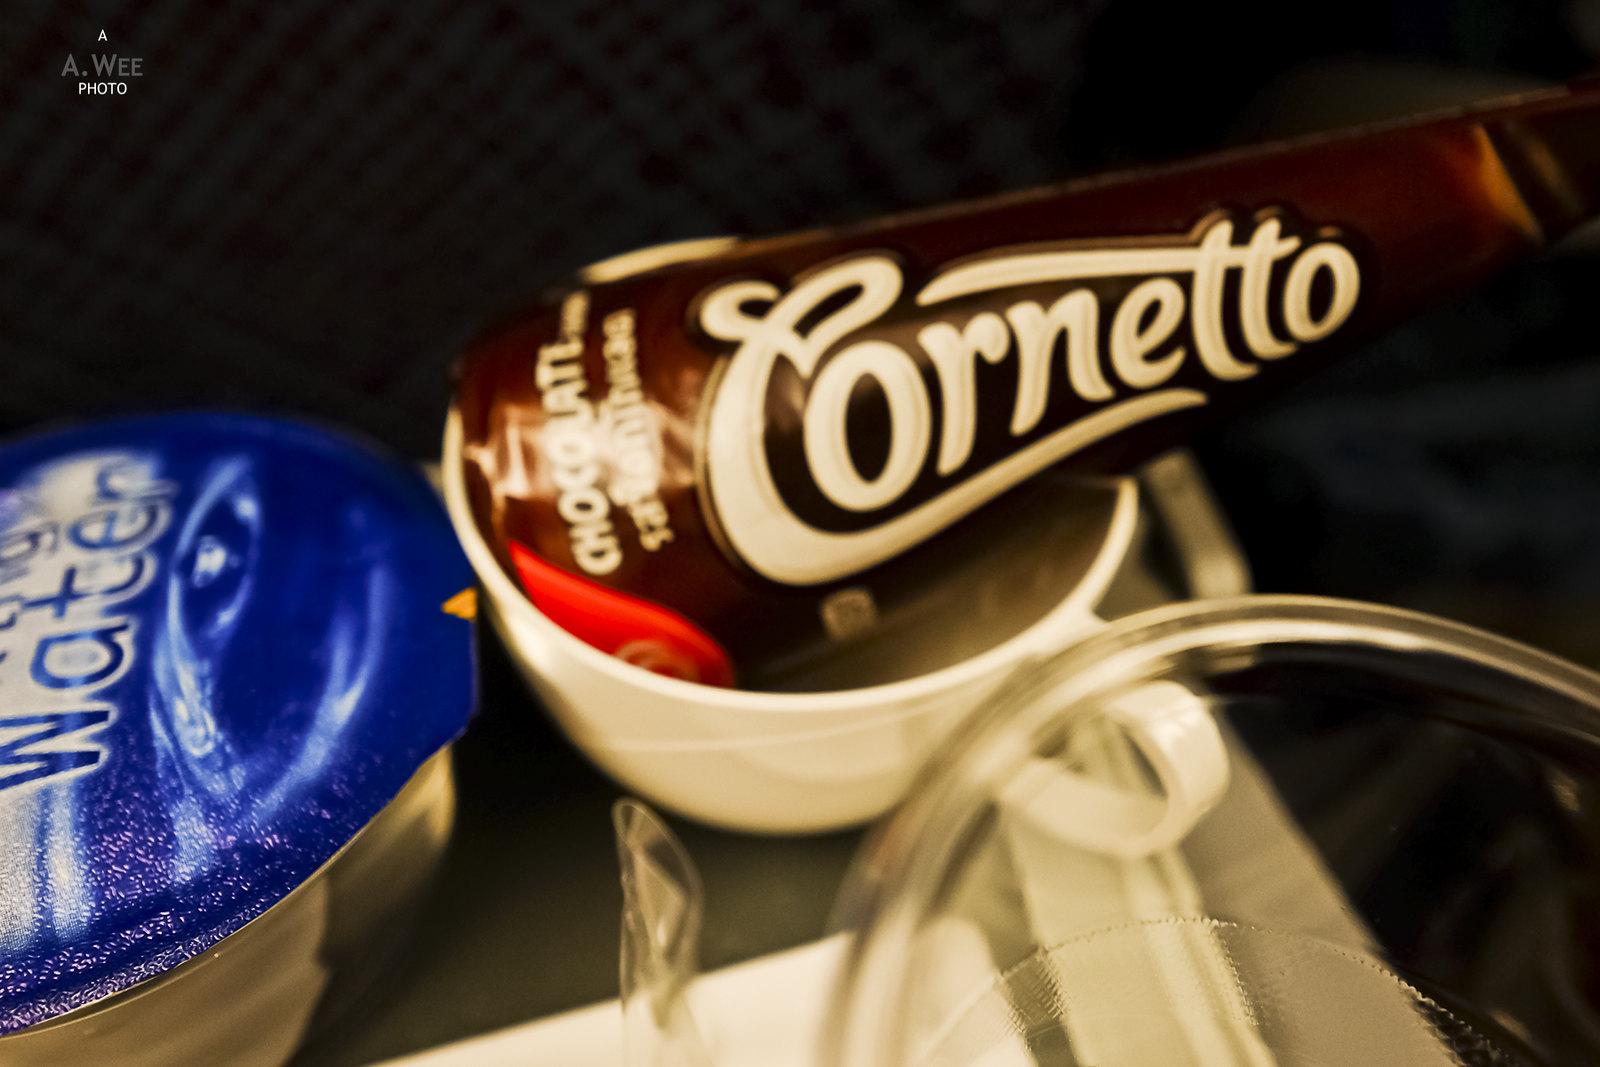 Cornetto for dessert